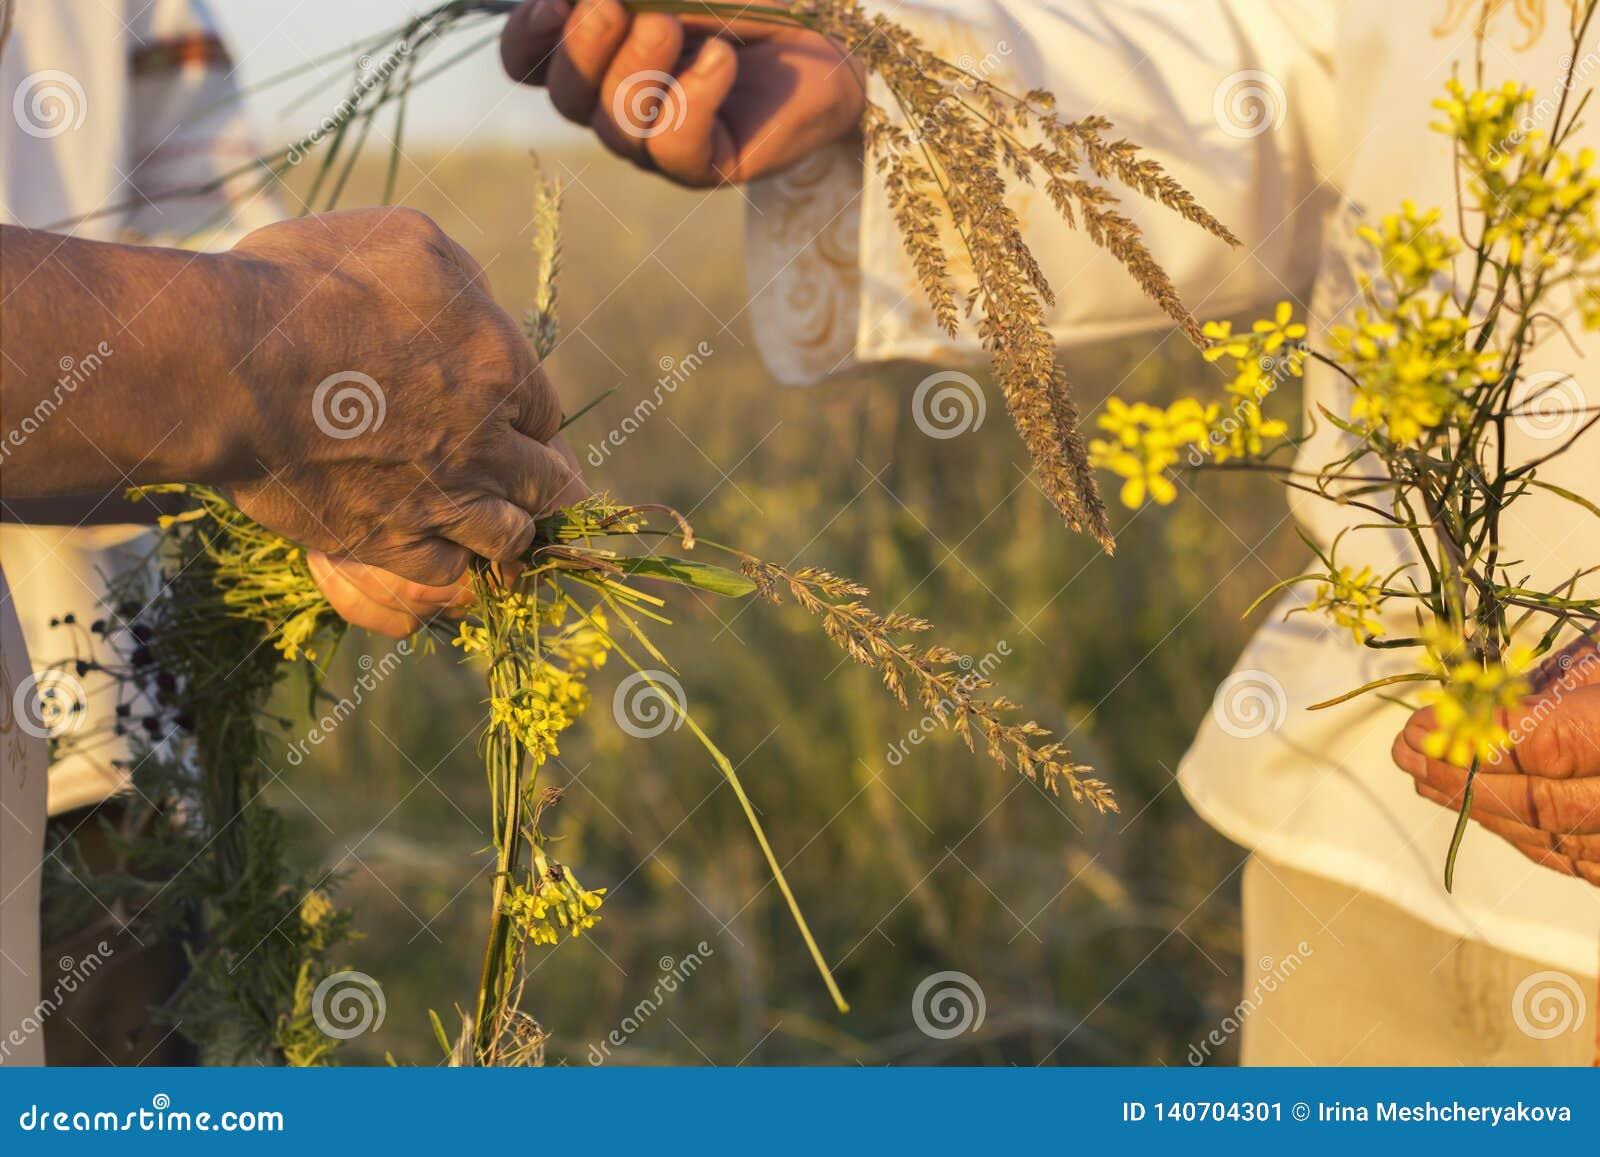 Ein Mädchen und ein Mann im weißen traditionellen slawischen Kleid windt einen Kranz von frischen Wildflowers bei Sonnenuntergang